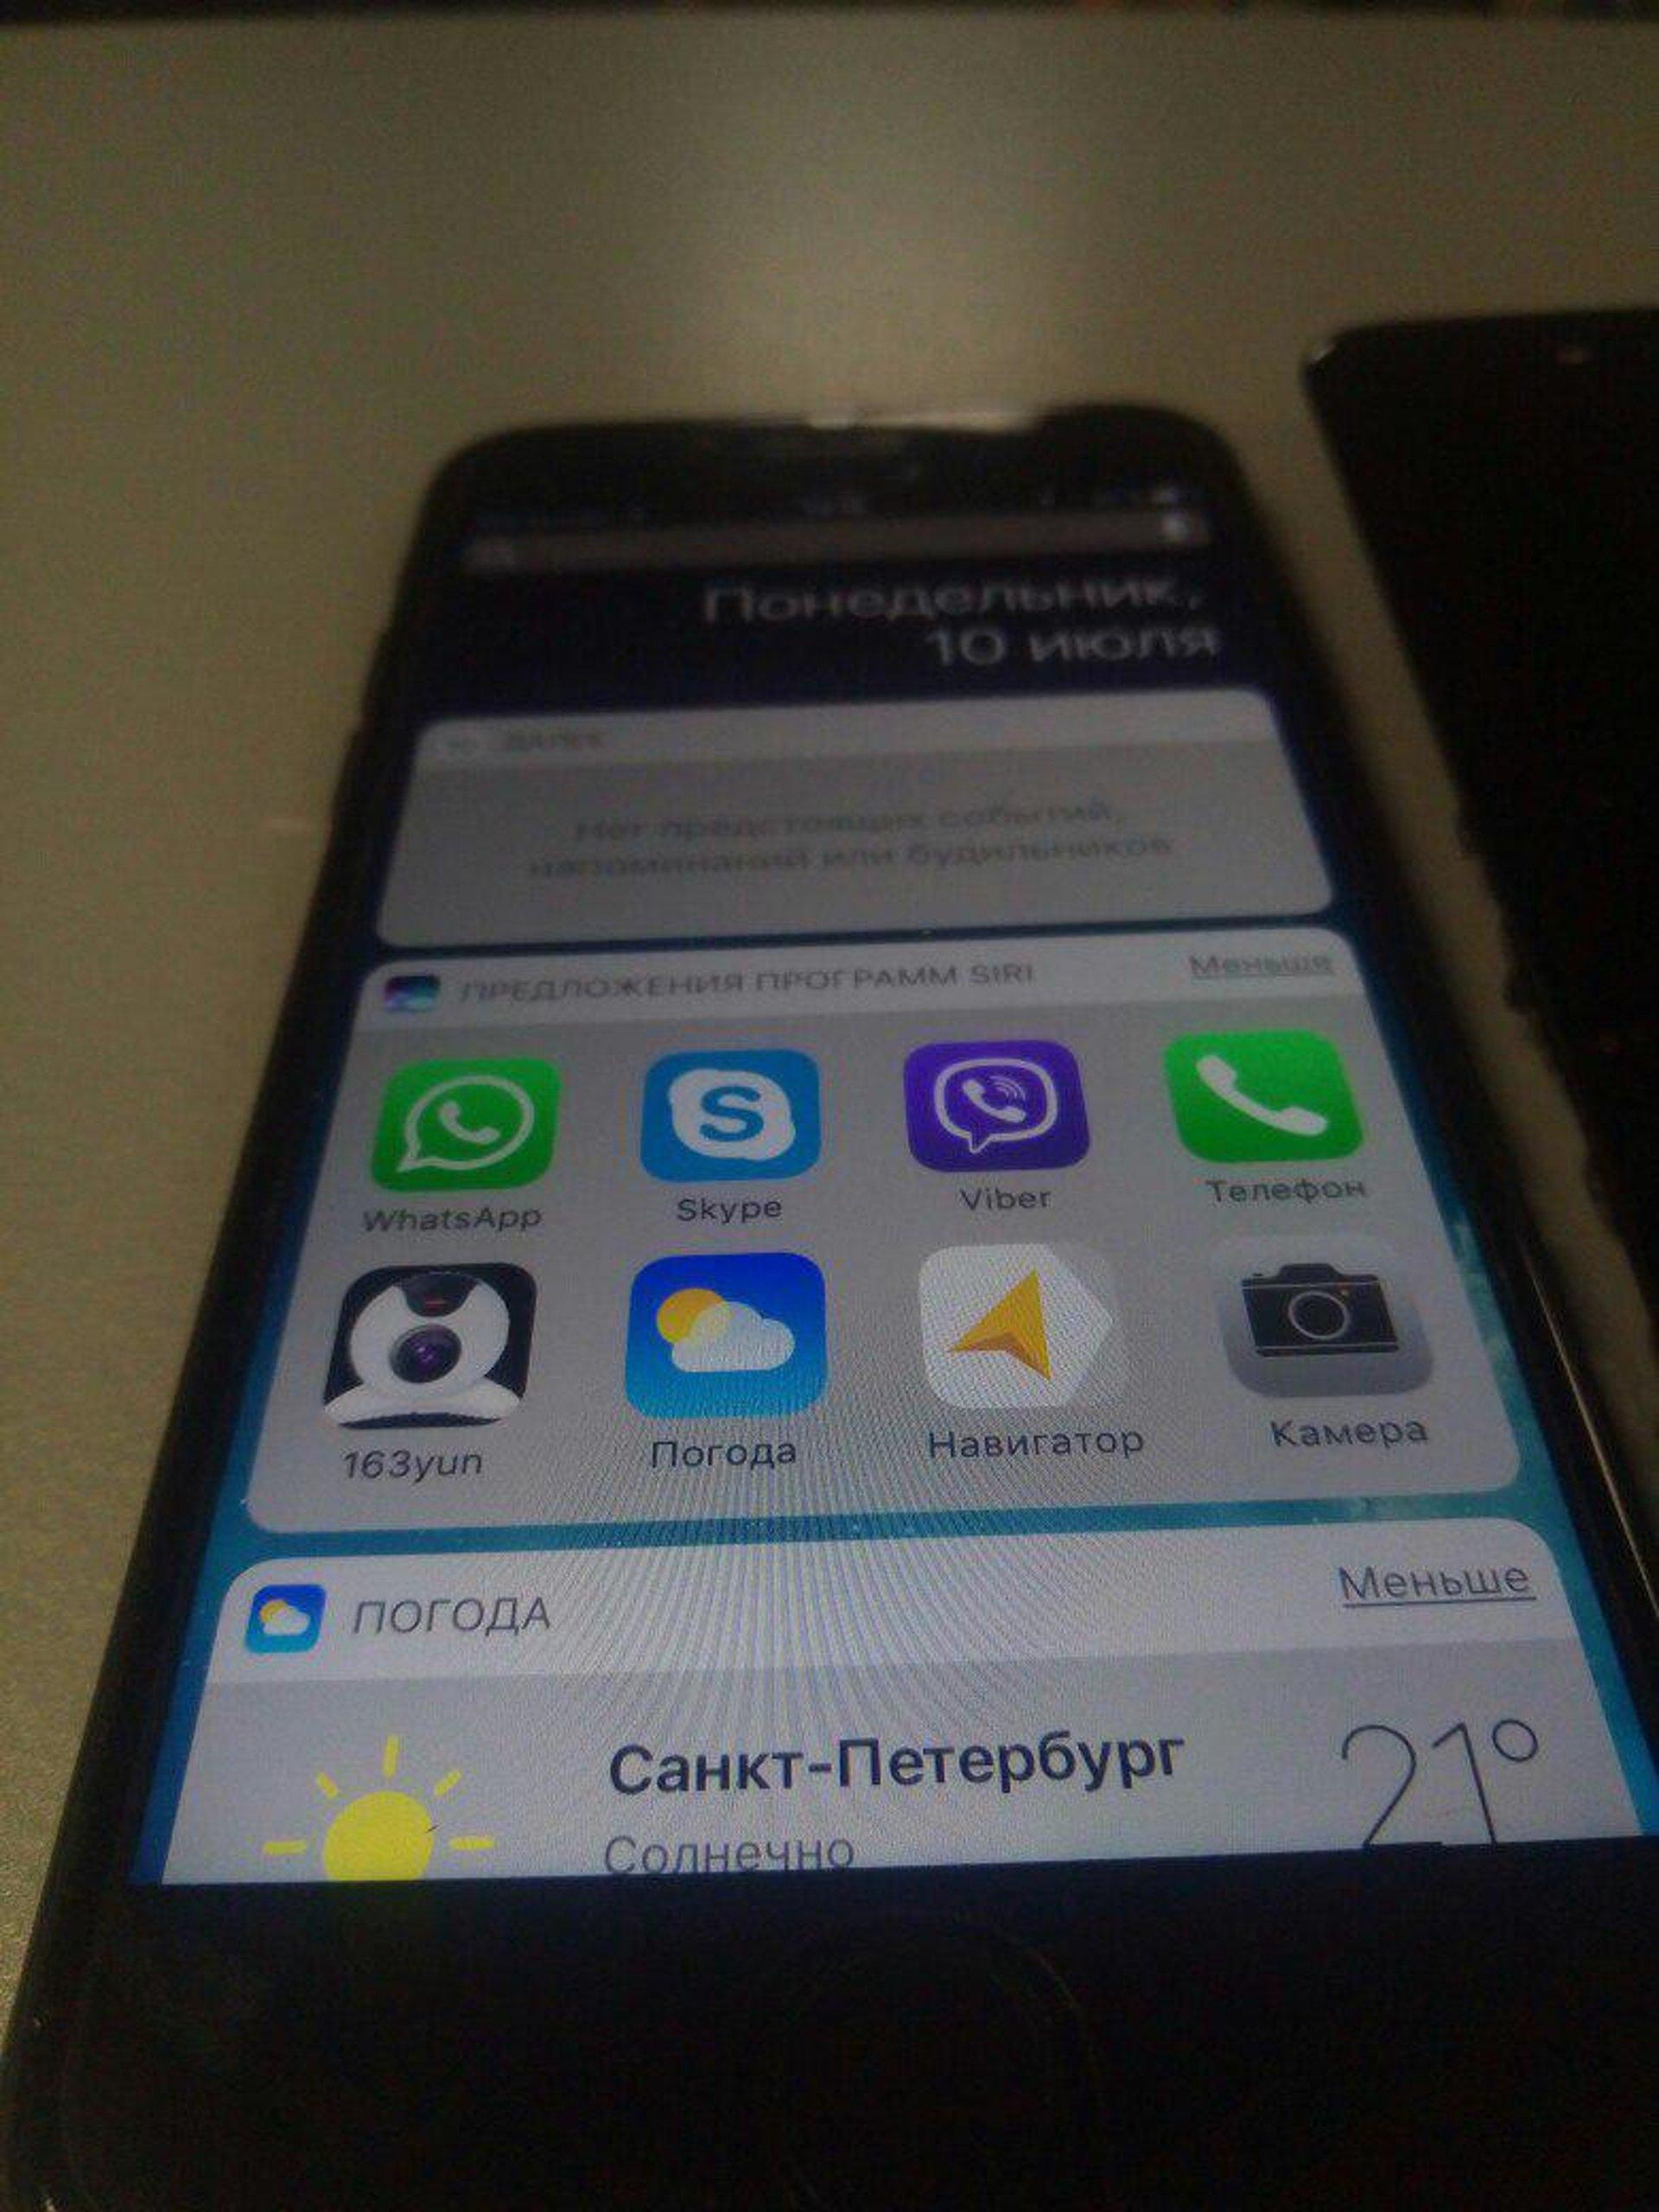 ремонт айфонов на спасском переулке